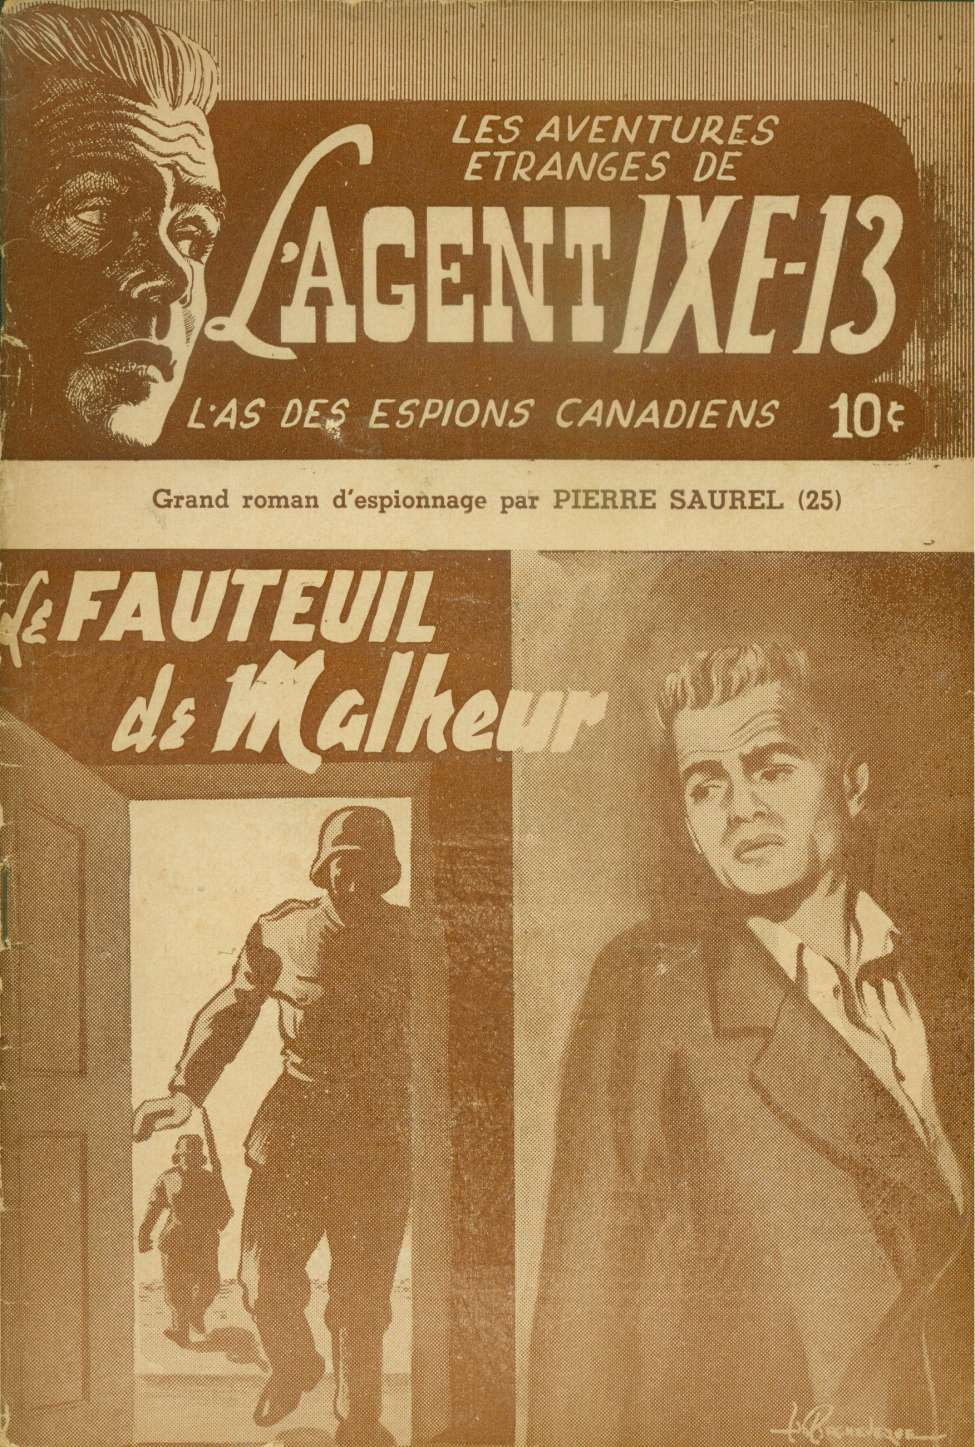 Comic Book Cover For L'Agent IXE-13 v2 025 - Le fauteuil de malheur